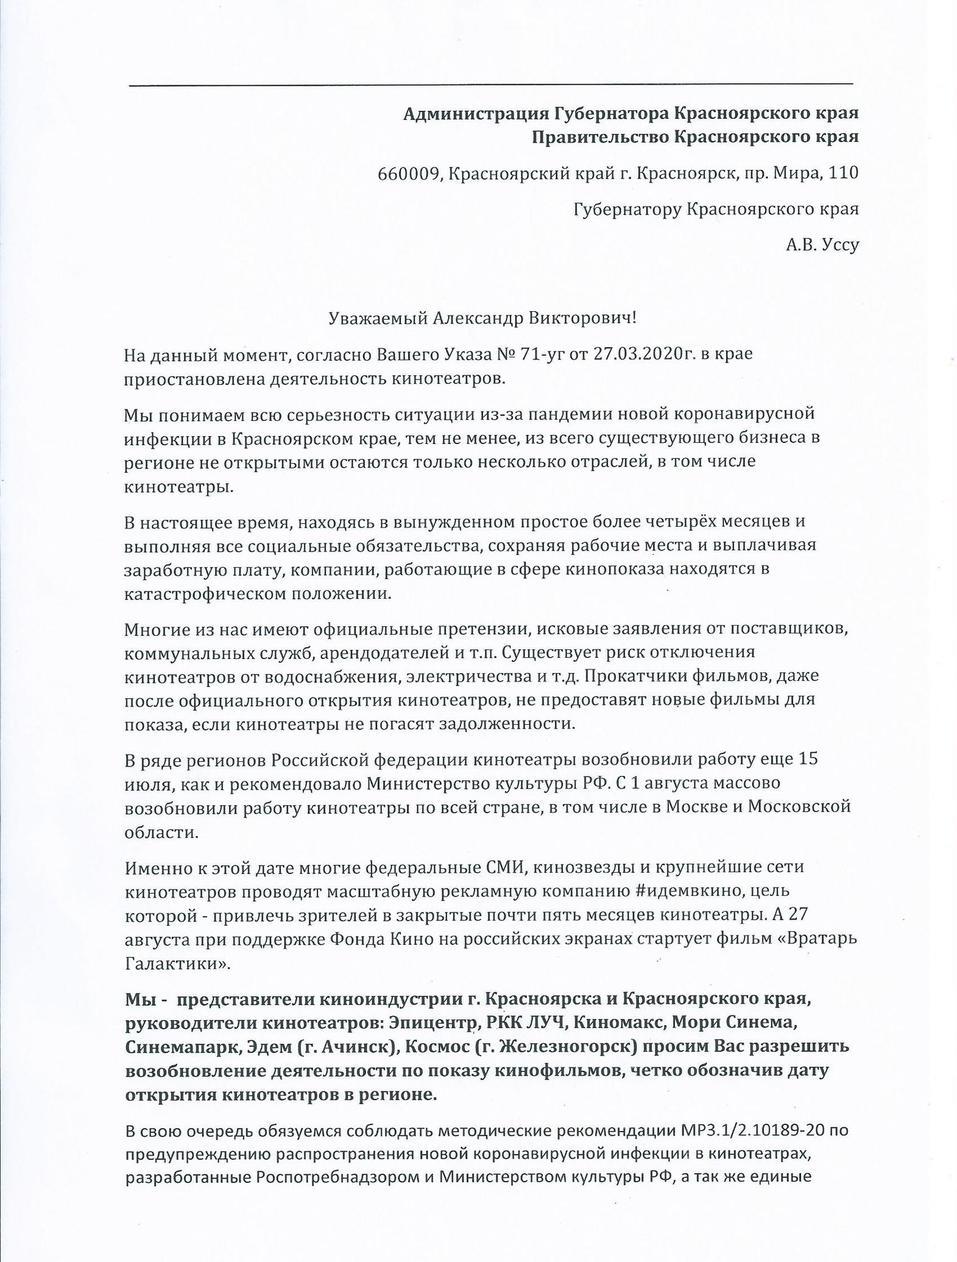 Красноярские кинотеатры написали открытое письмо губернатору   1